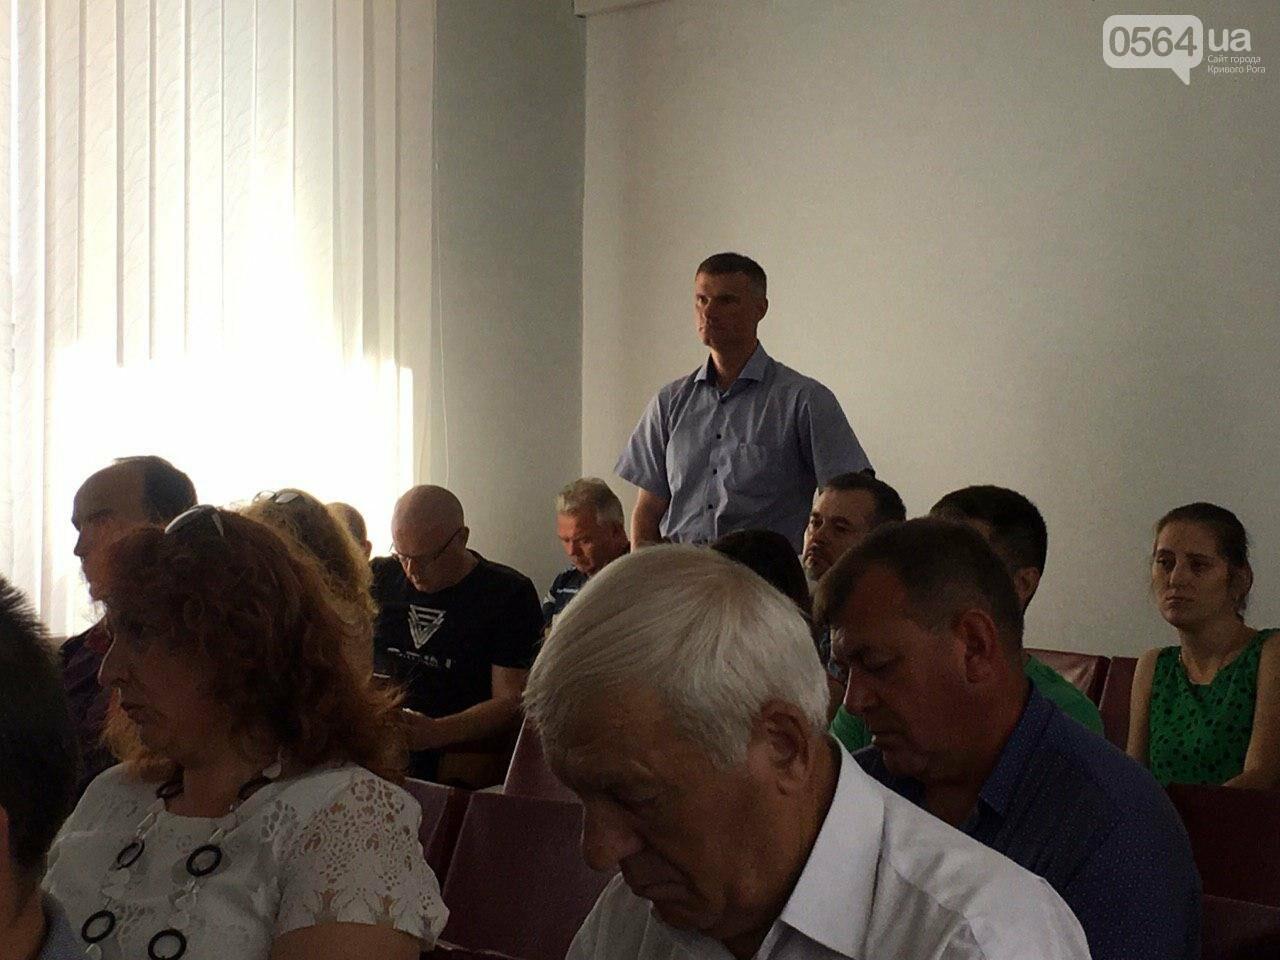 Криворожское КП пытается подготовится к отопительному сезону, несмотря на долг в полмиллиарда, - ФОТО , фото-61